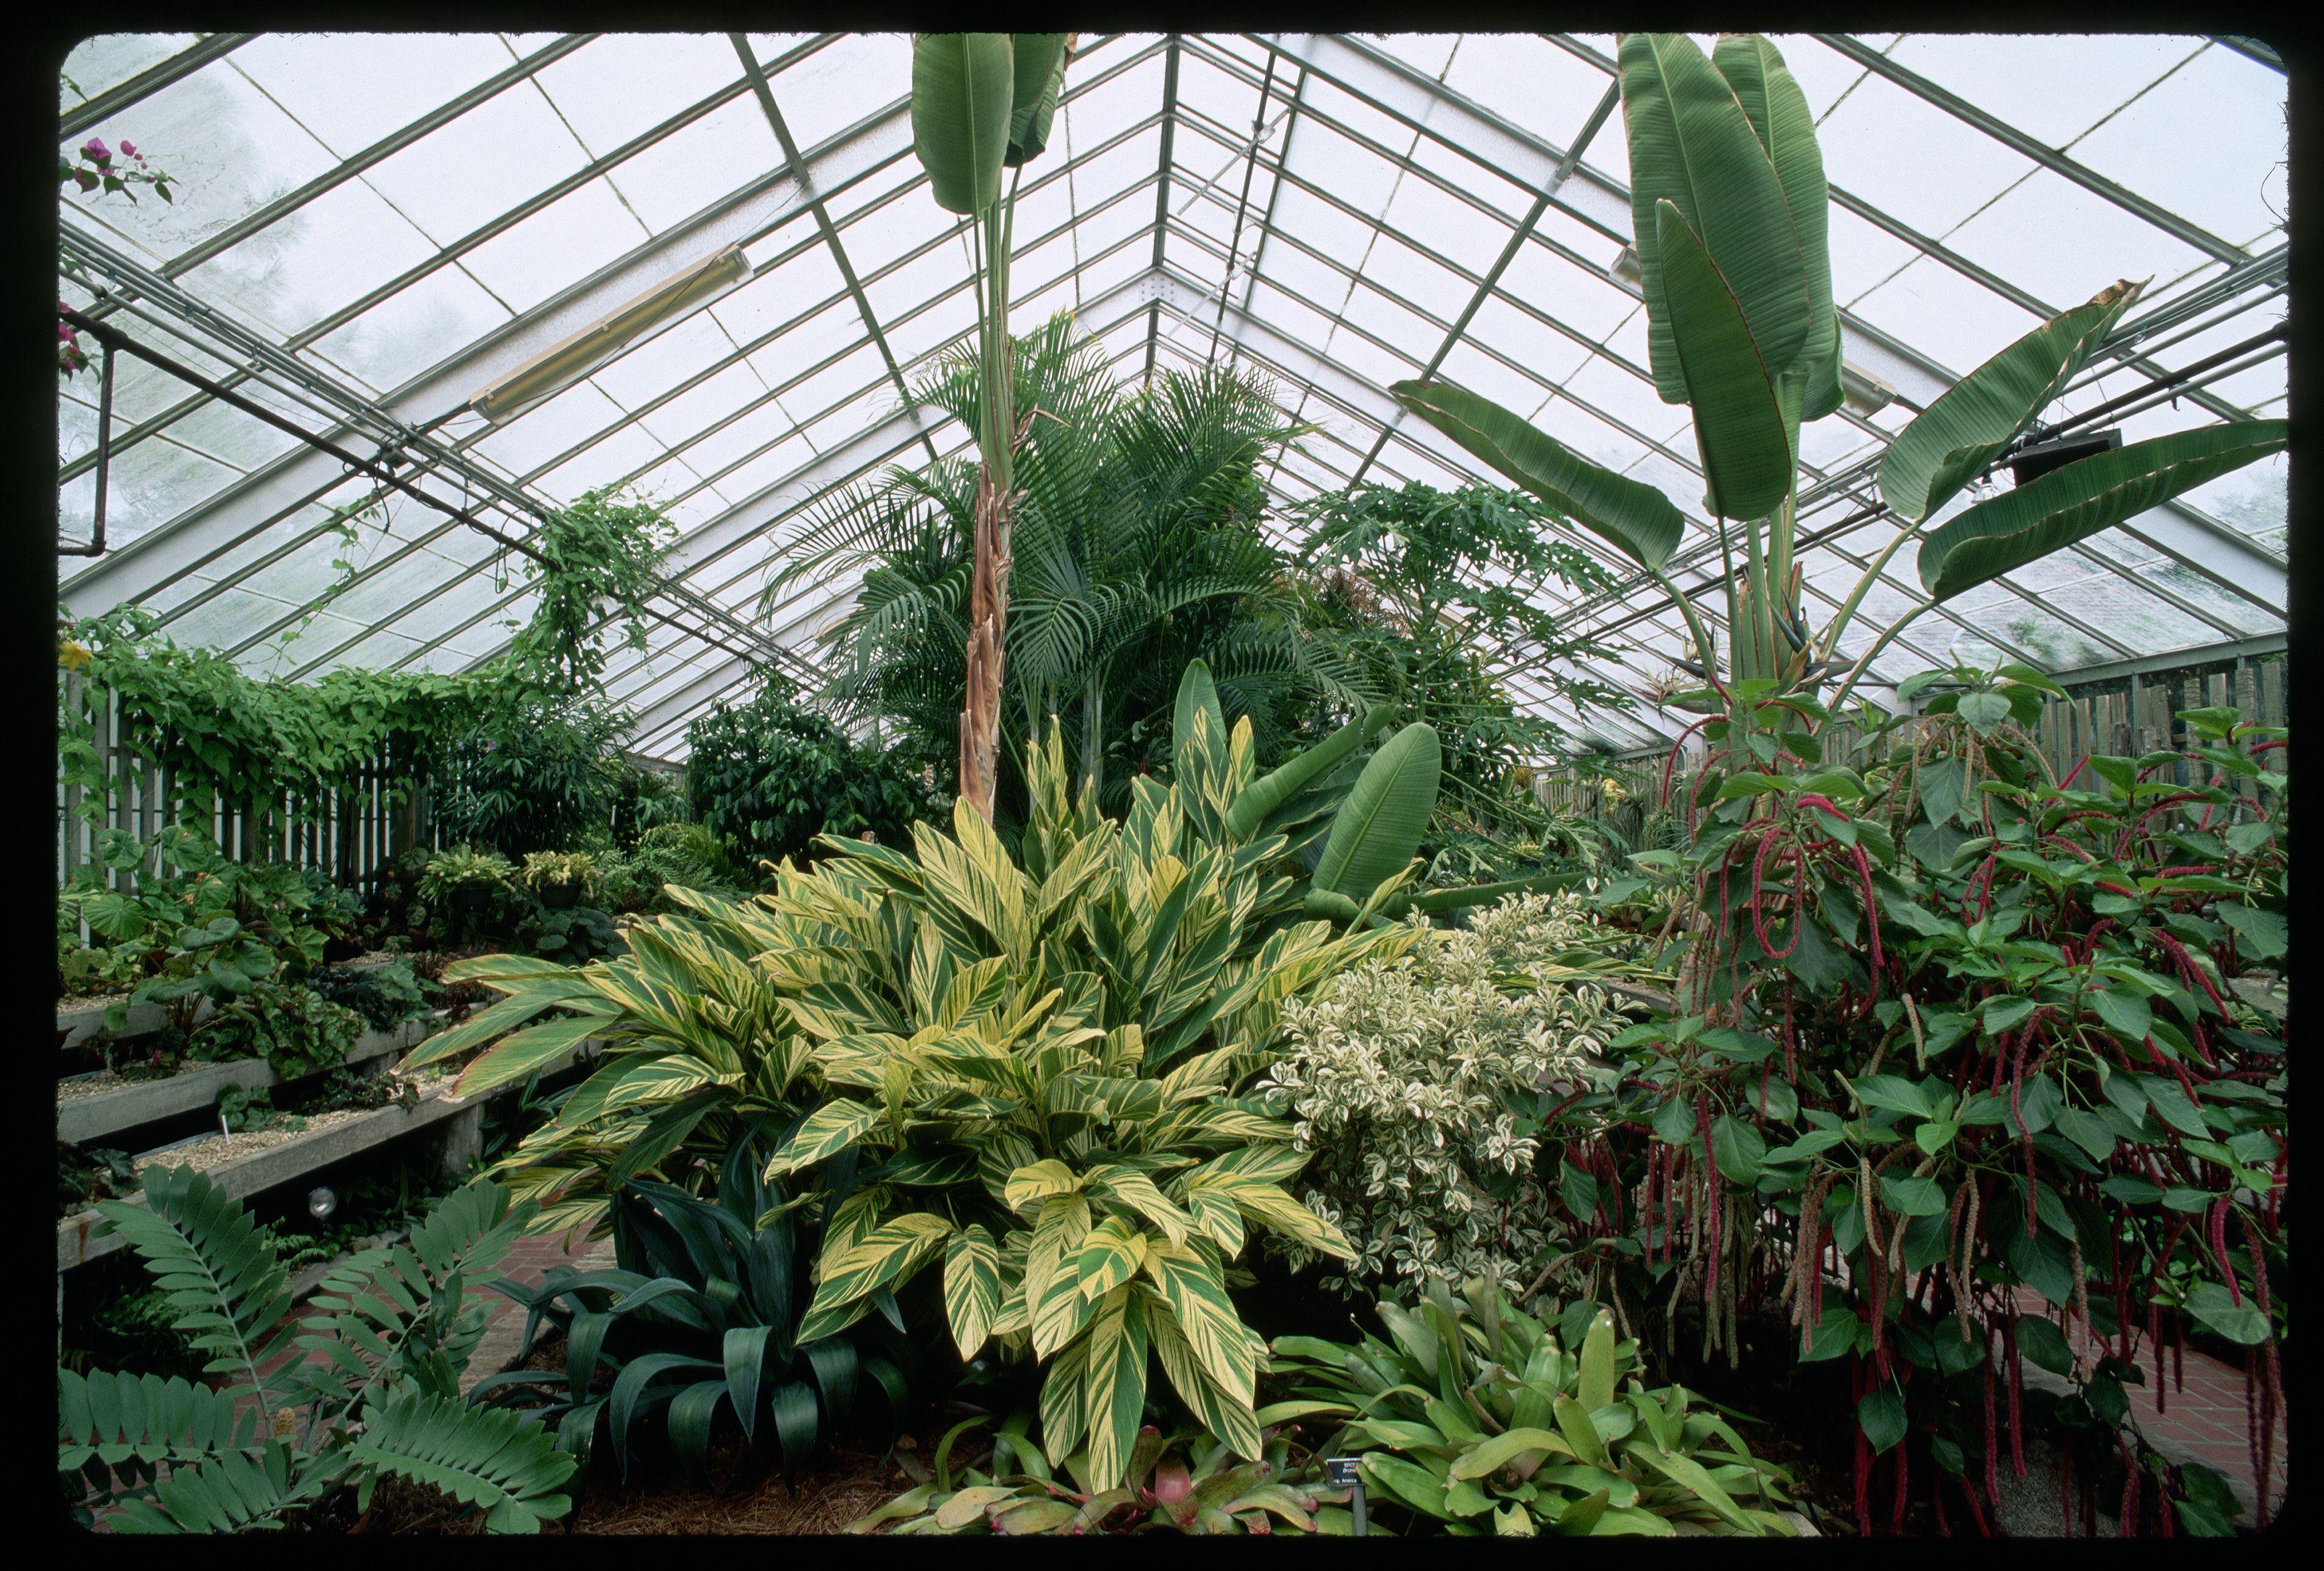 Interior of Arboretum at New Orleans Botanical Garden